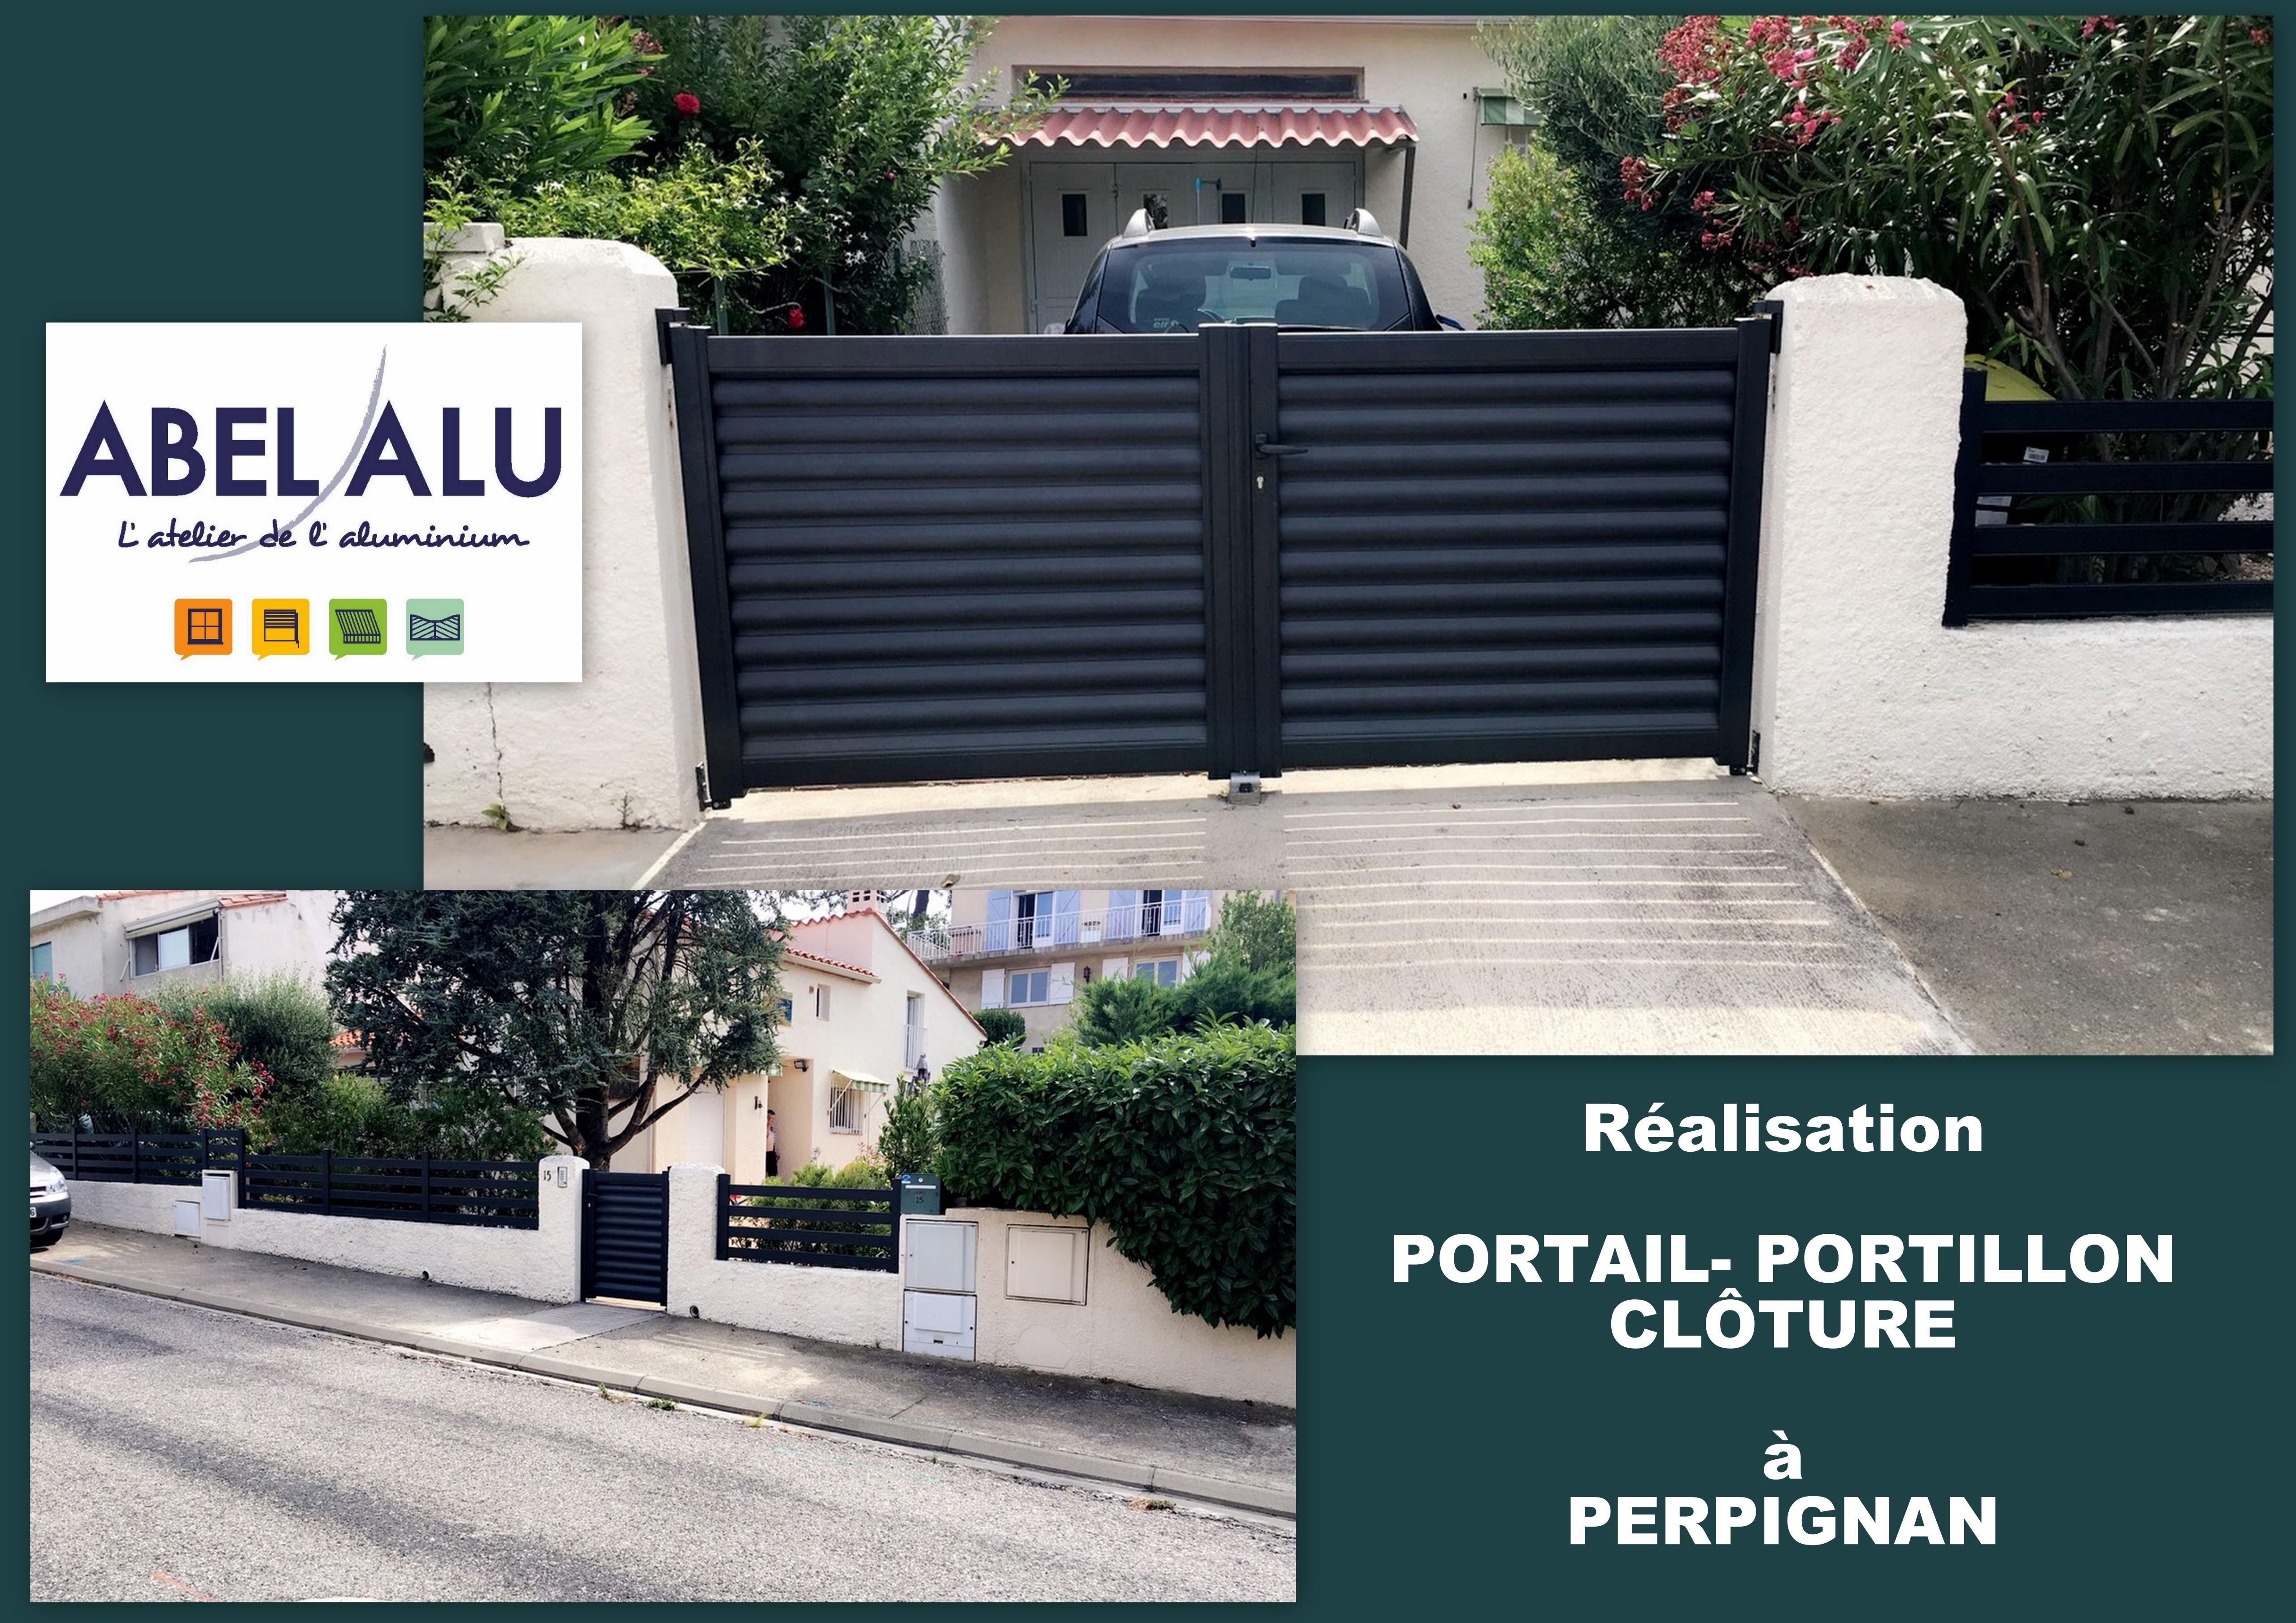 R alisation portail portillon cl ture perpignan for Portail portillon cloture